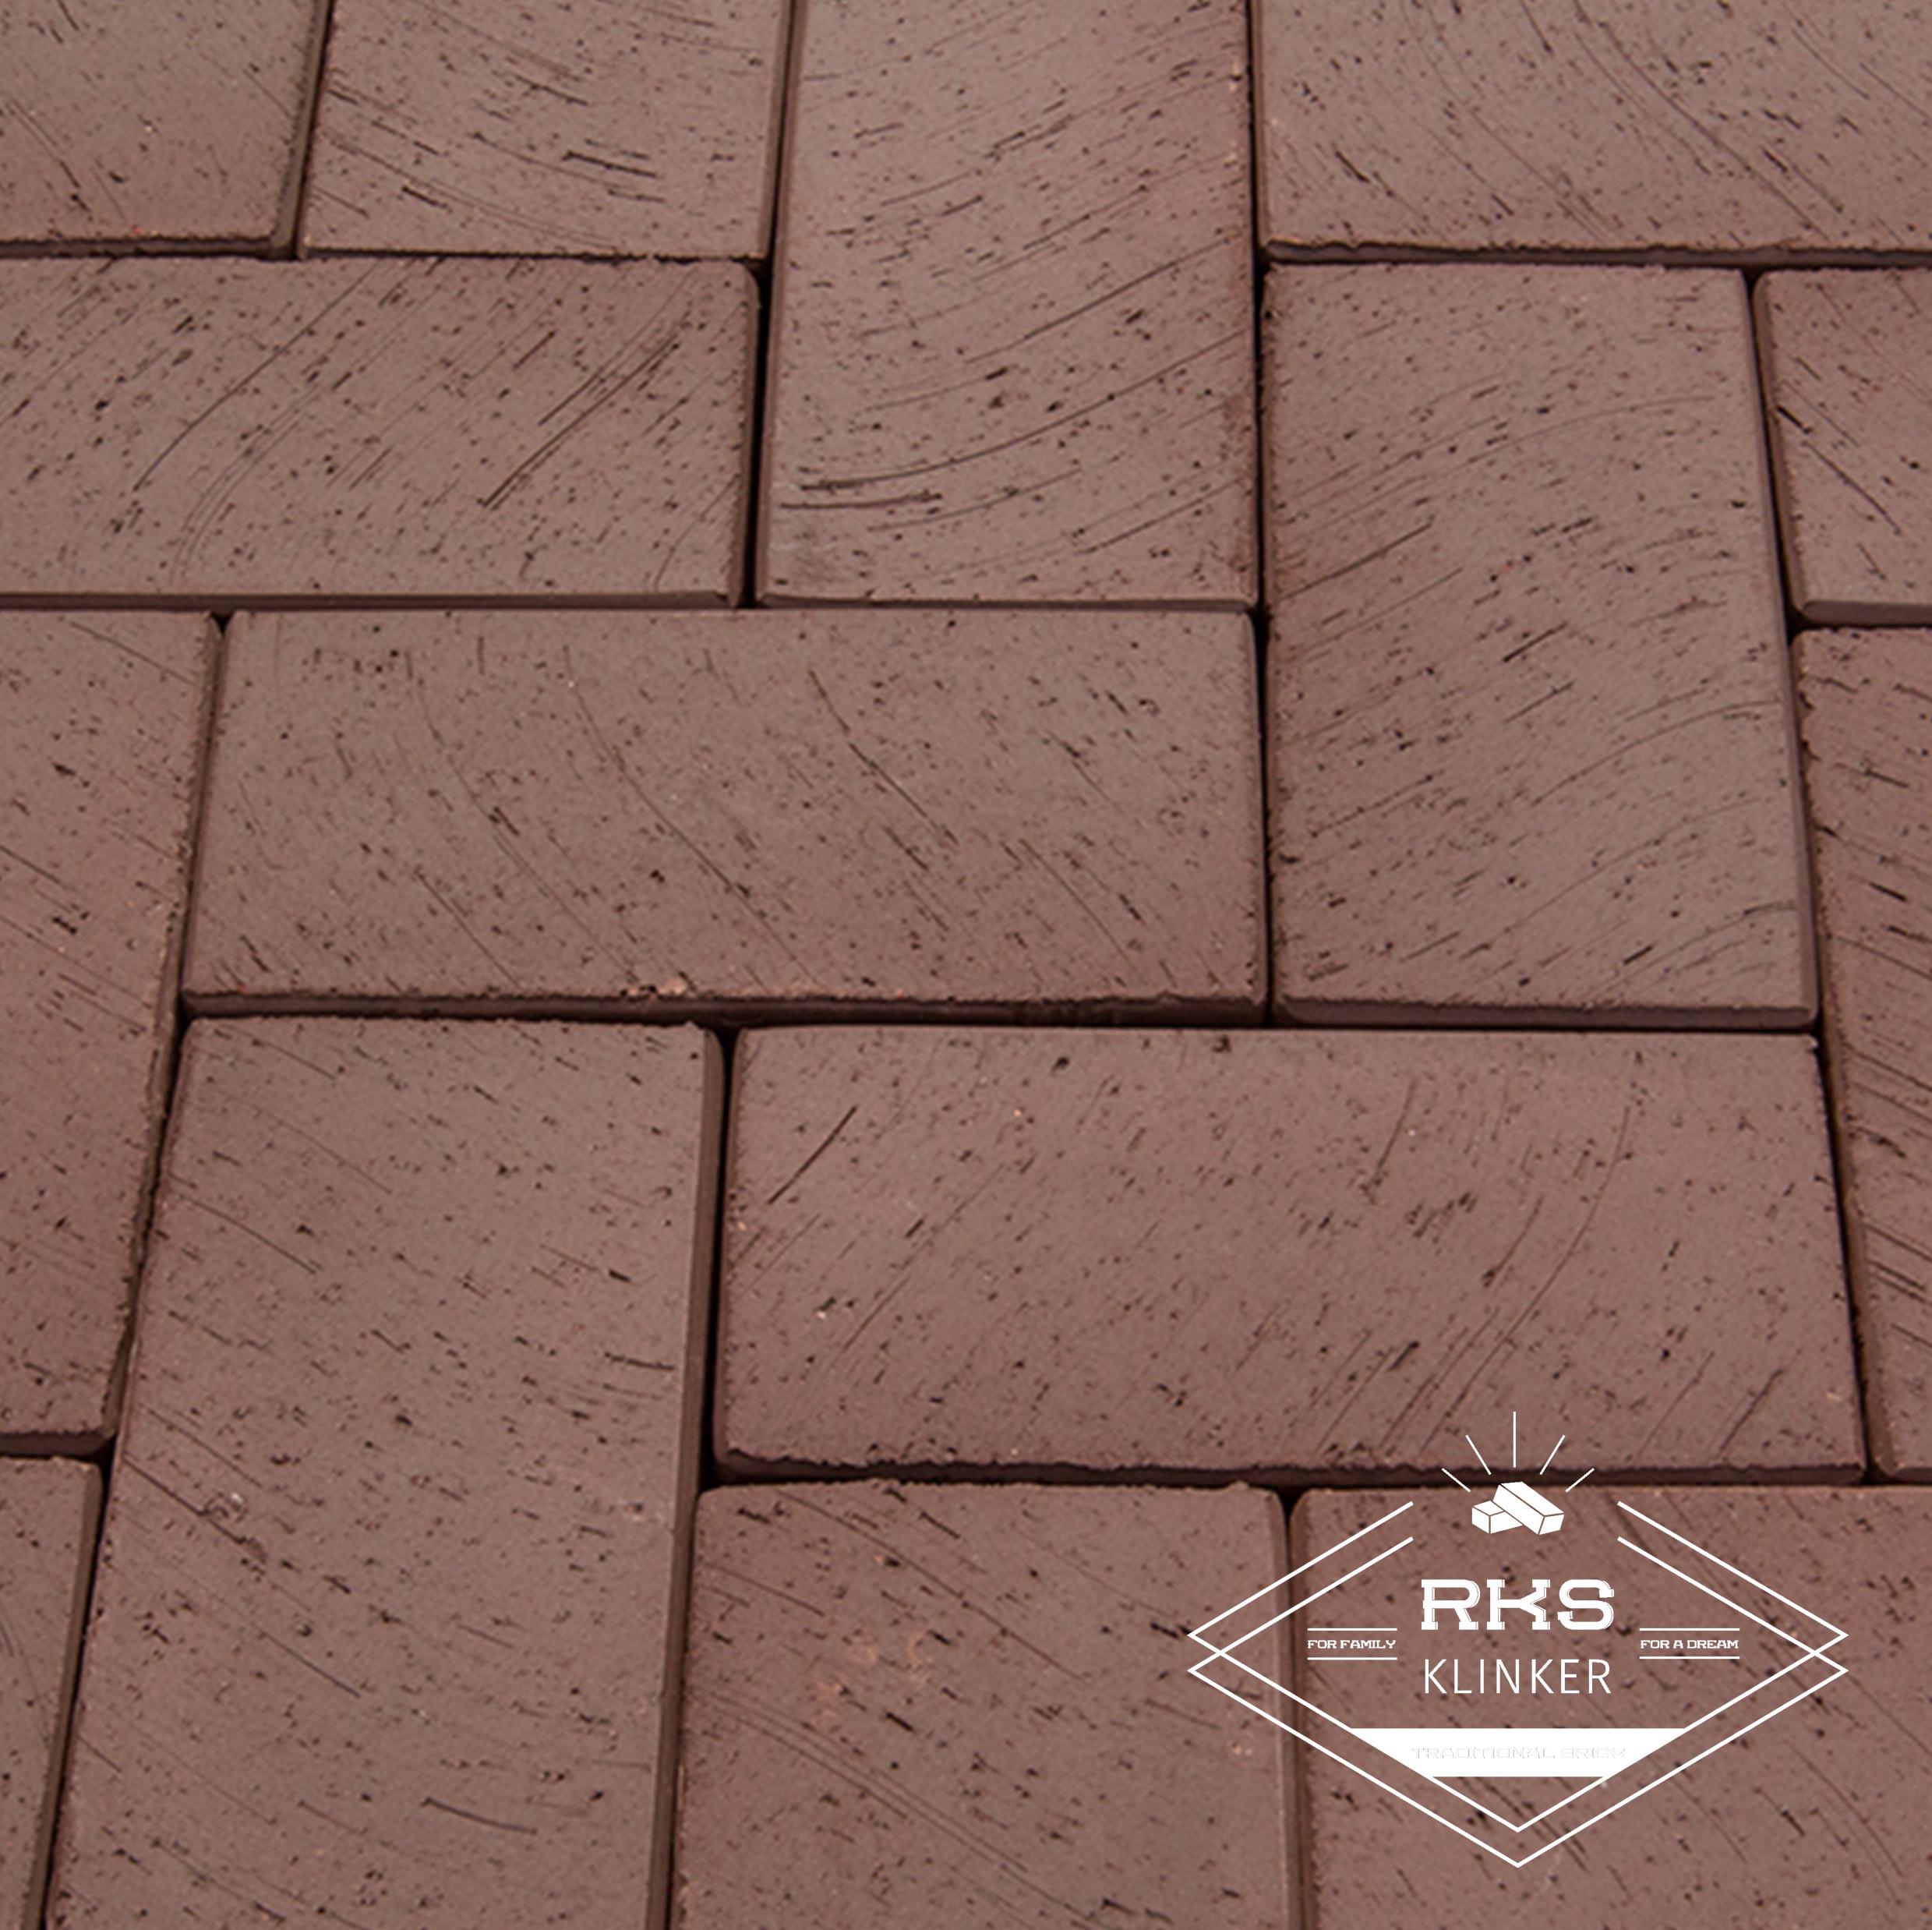 Клинкерная тротуарная плитка LODE, Brunis, коричневый в Волгограде